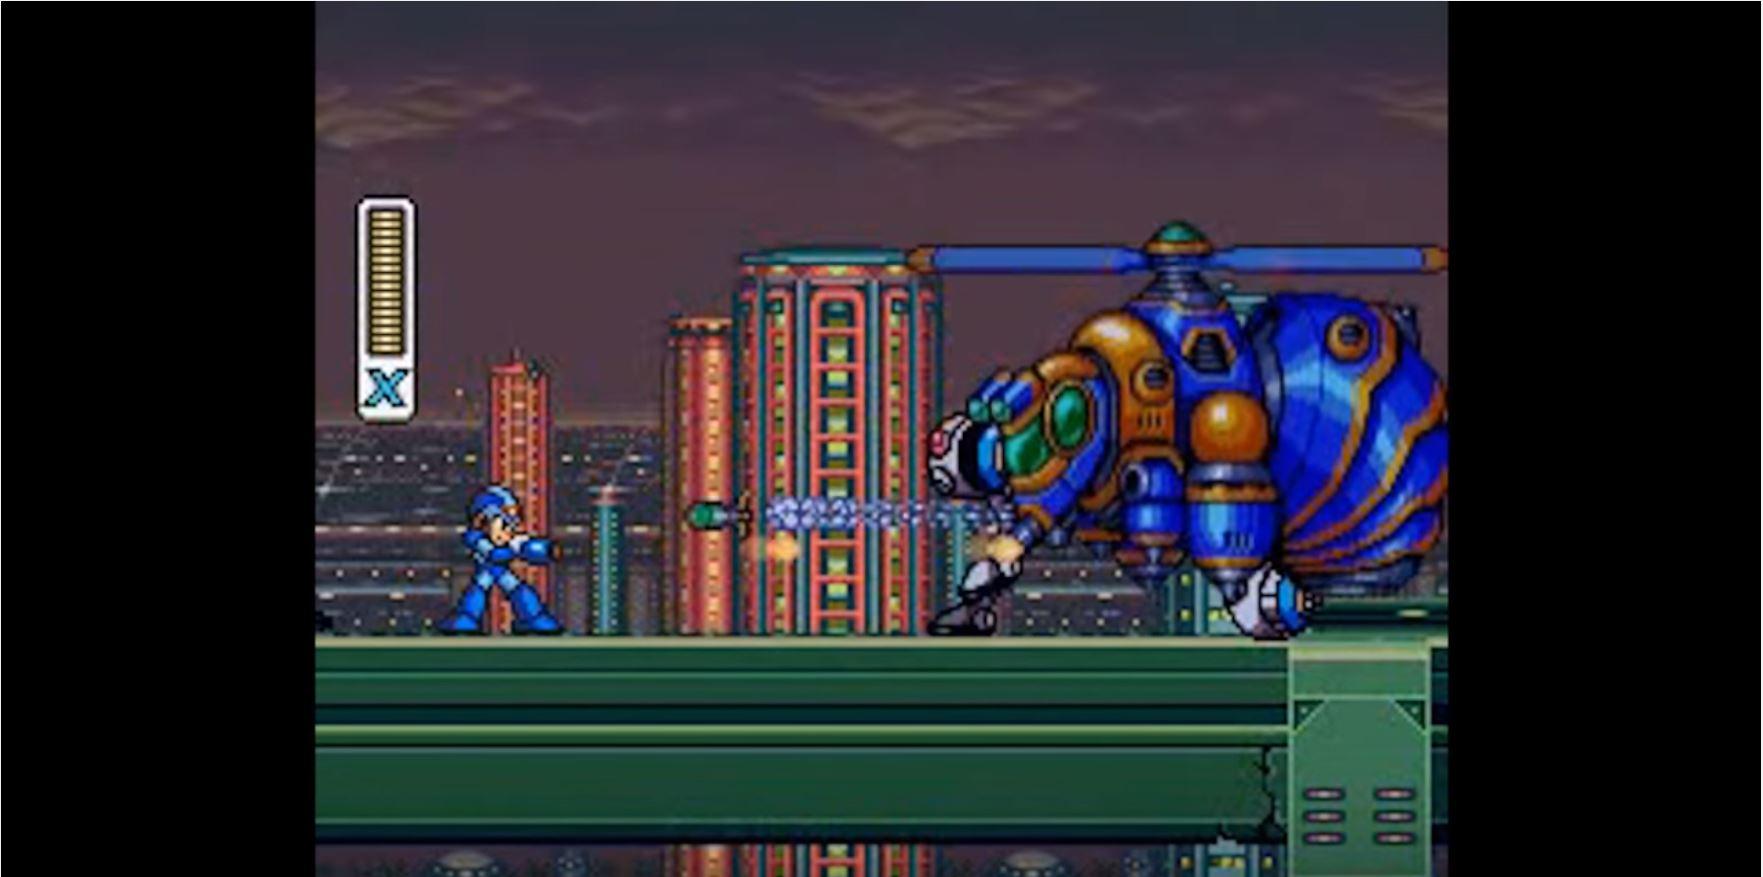 Mega Man X: Mega Man fights mini bosses [2]